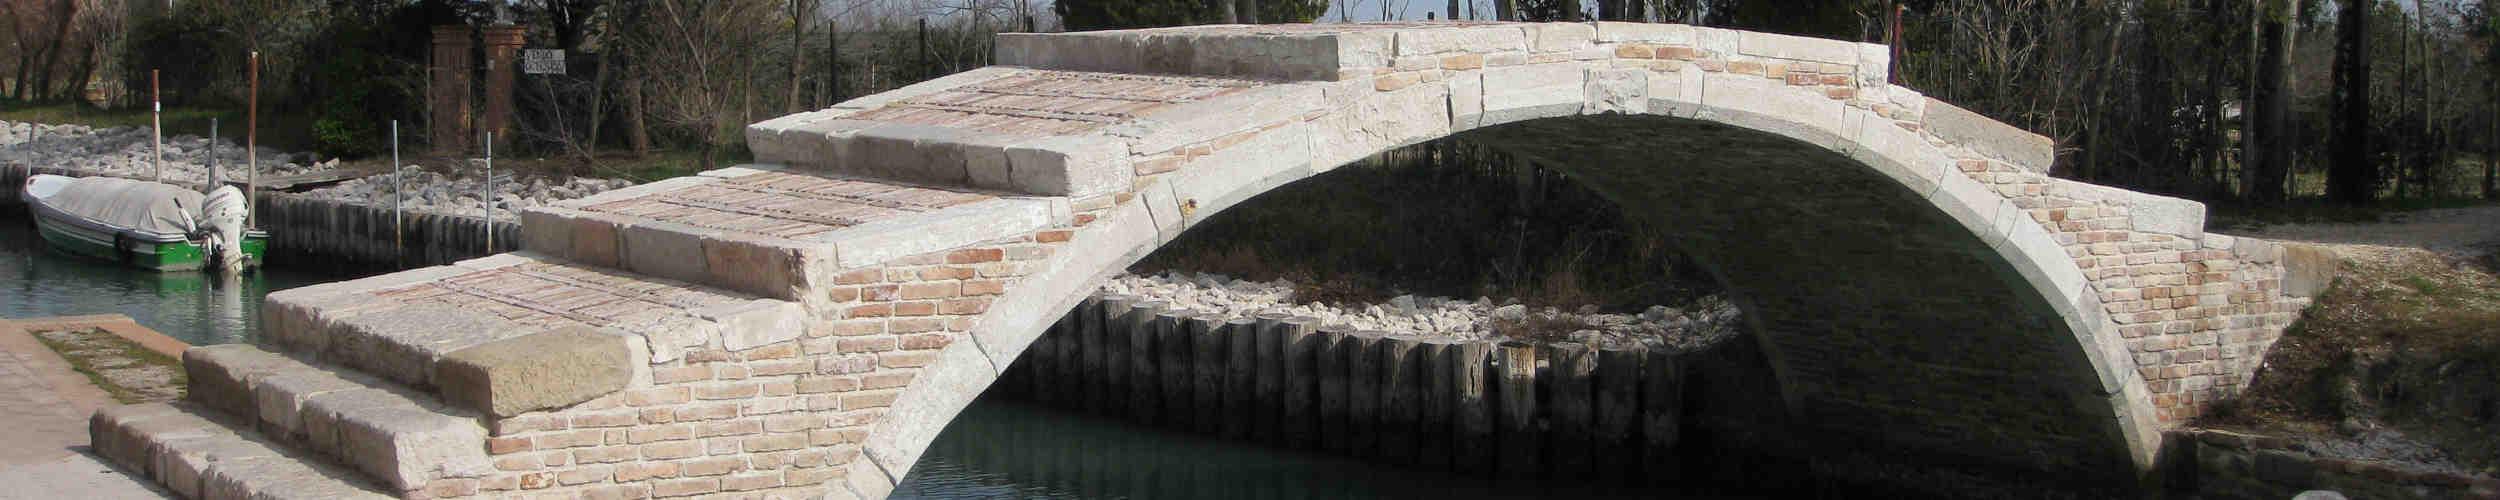 ponte del diavolo a torcello